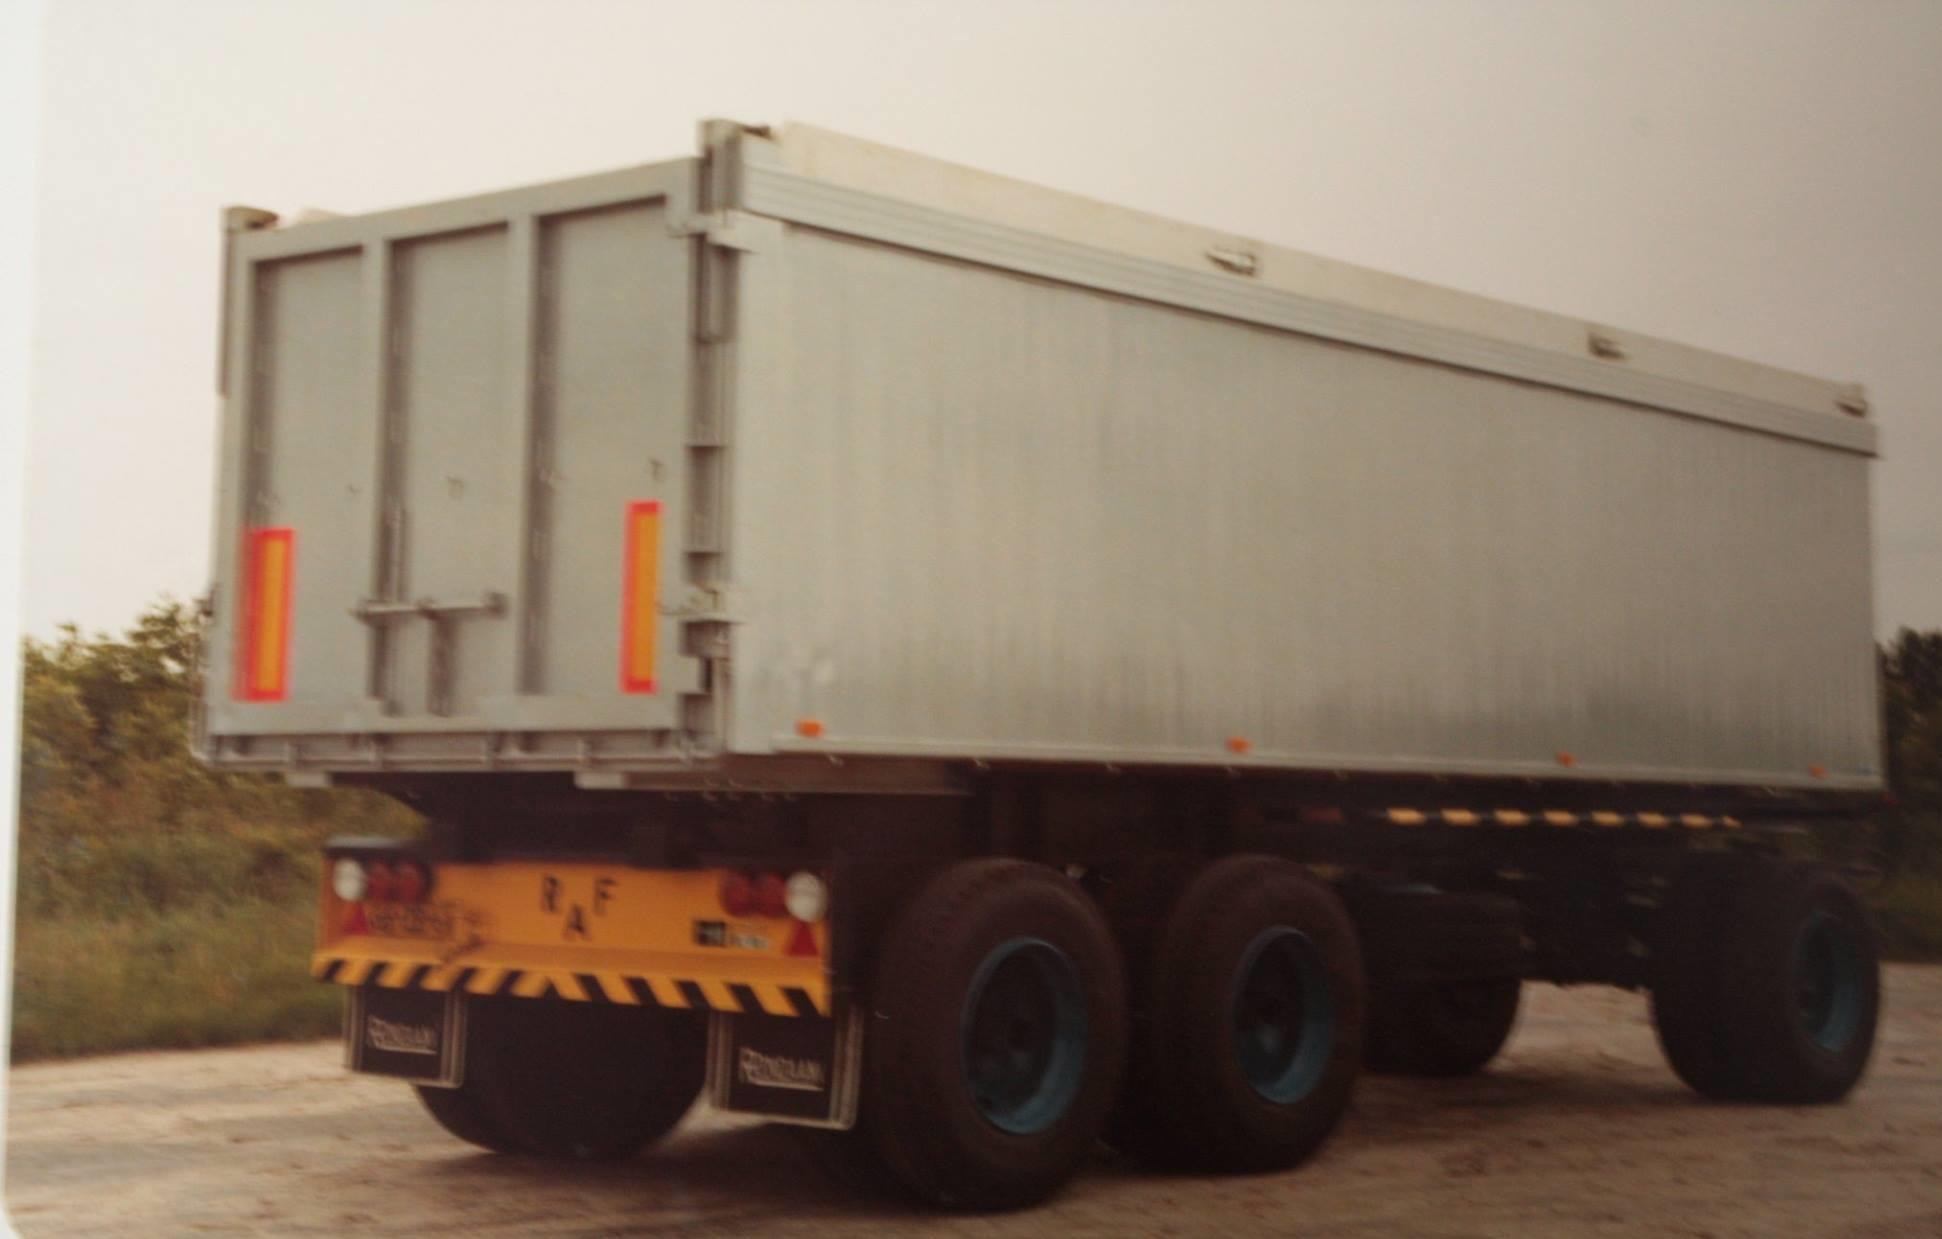 tandemas-aanhangwagen-is-gebouwd-door-Rondaan-voor-mesthandel-Tjeerd-Veenstra-in-Heeg